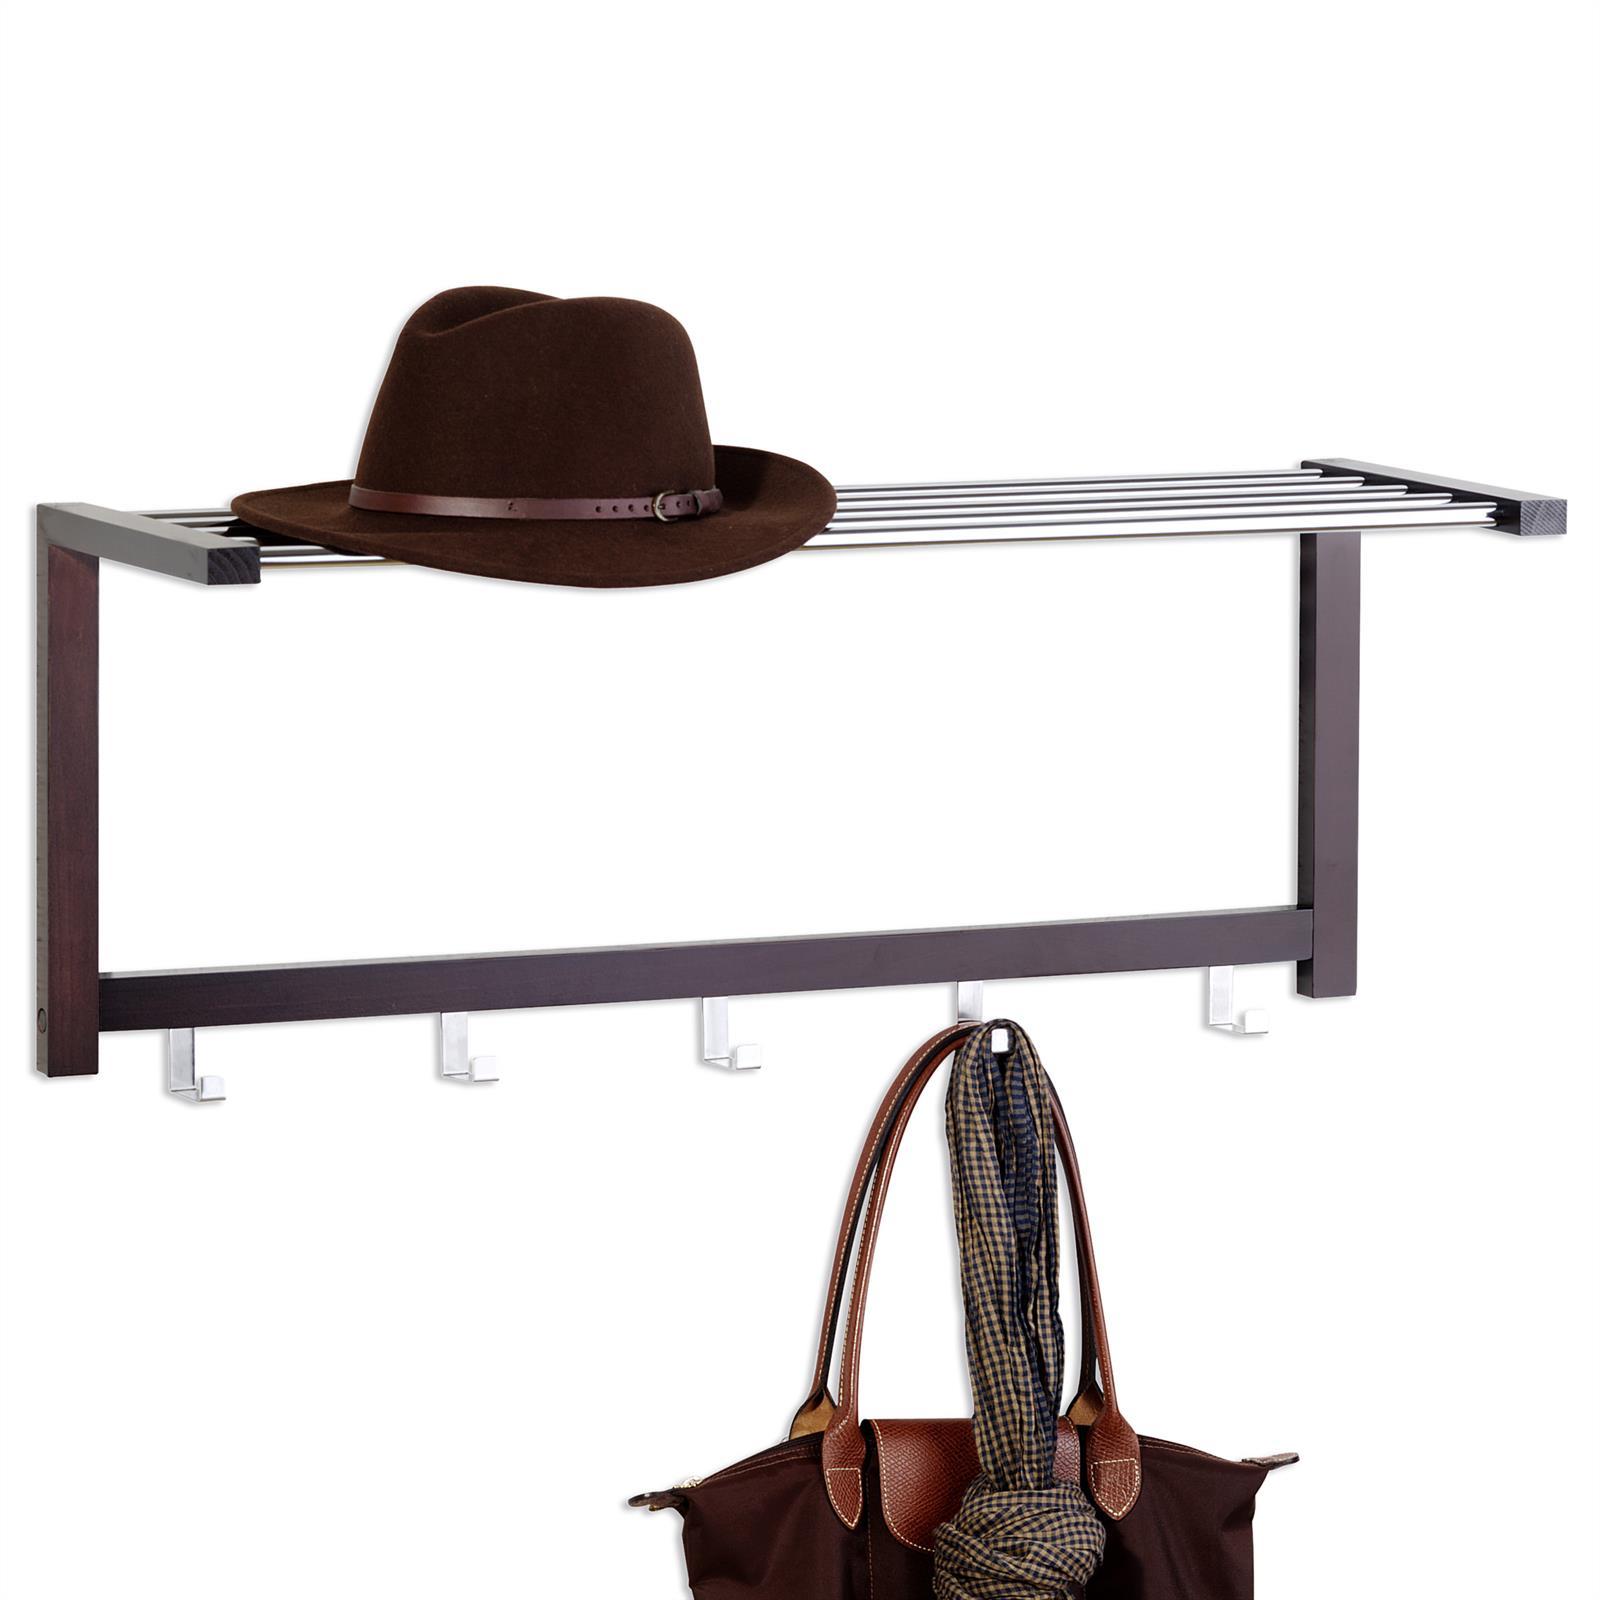 porte manteaux mural armin mobil meubles. Black Bedroom Furniture Sets. Home Design Ideas